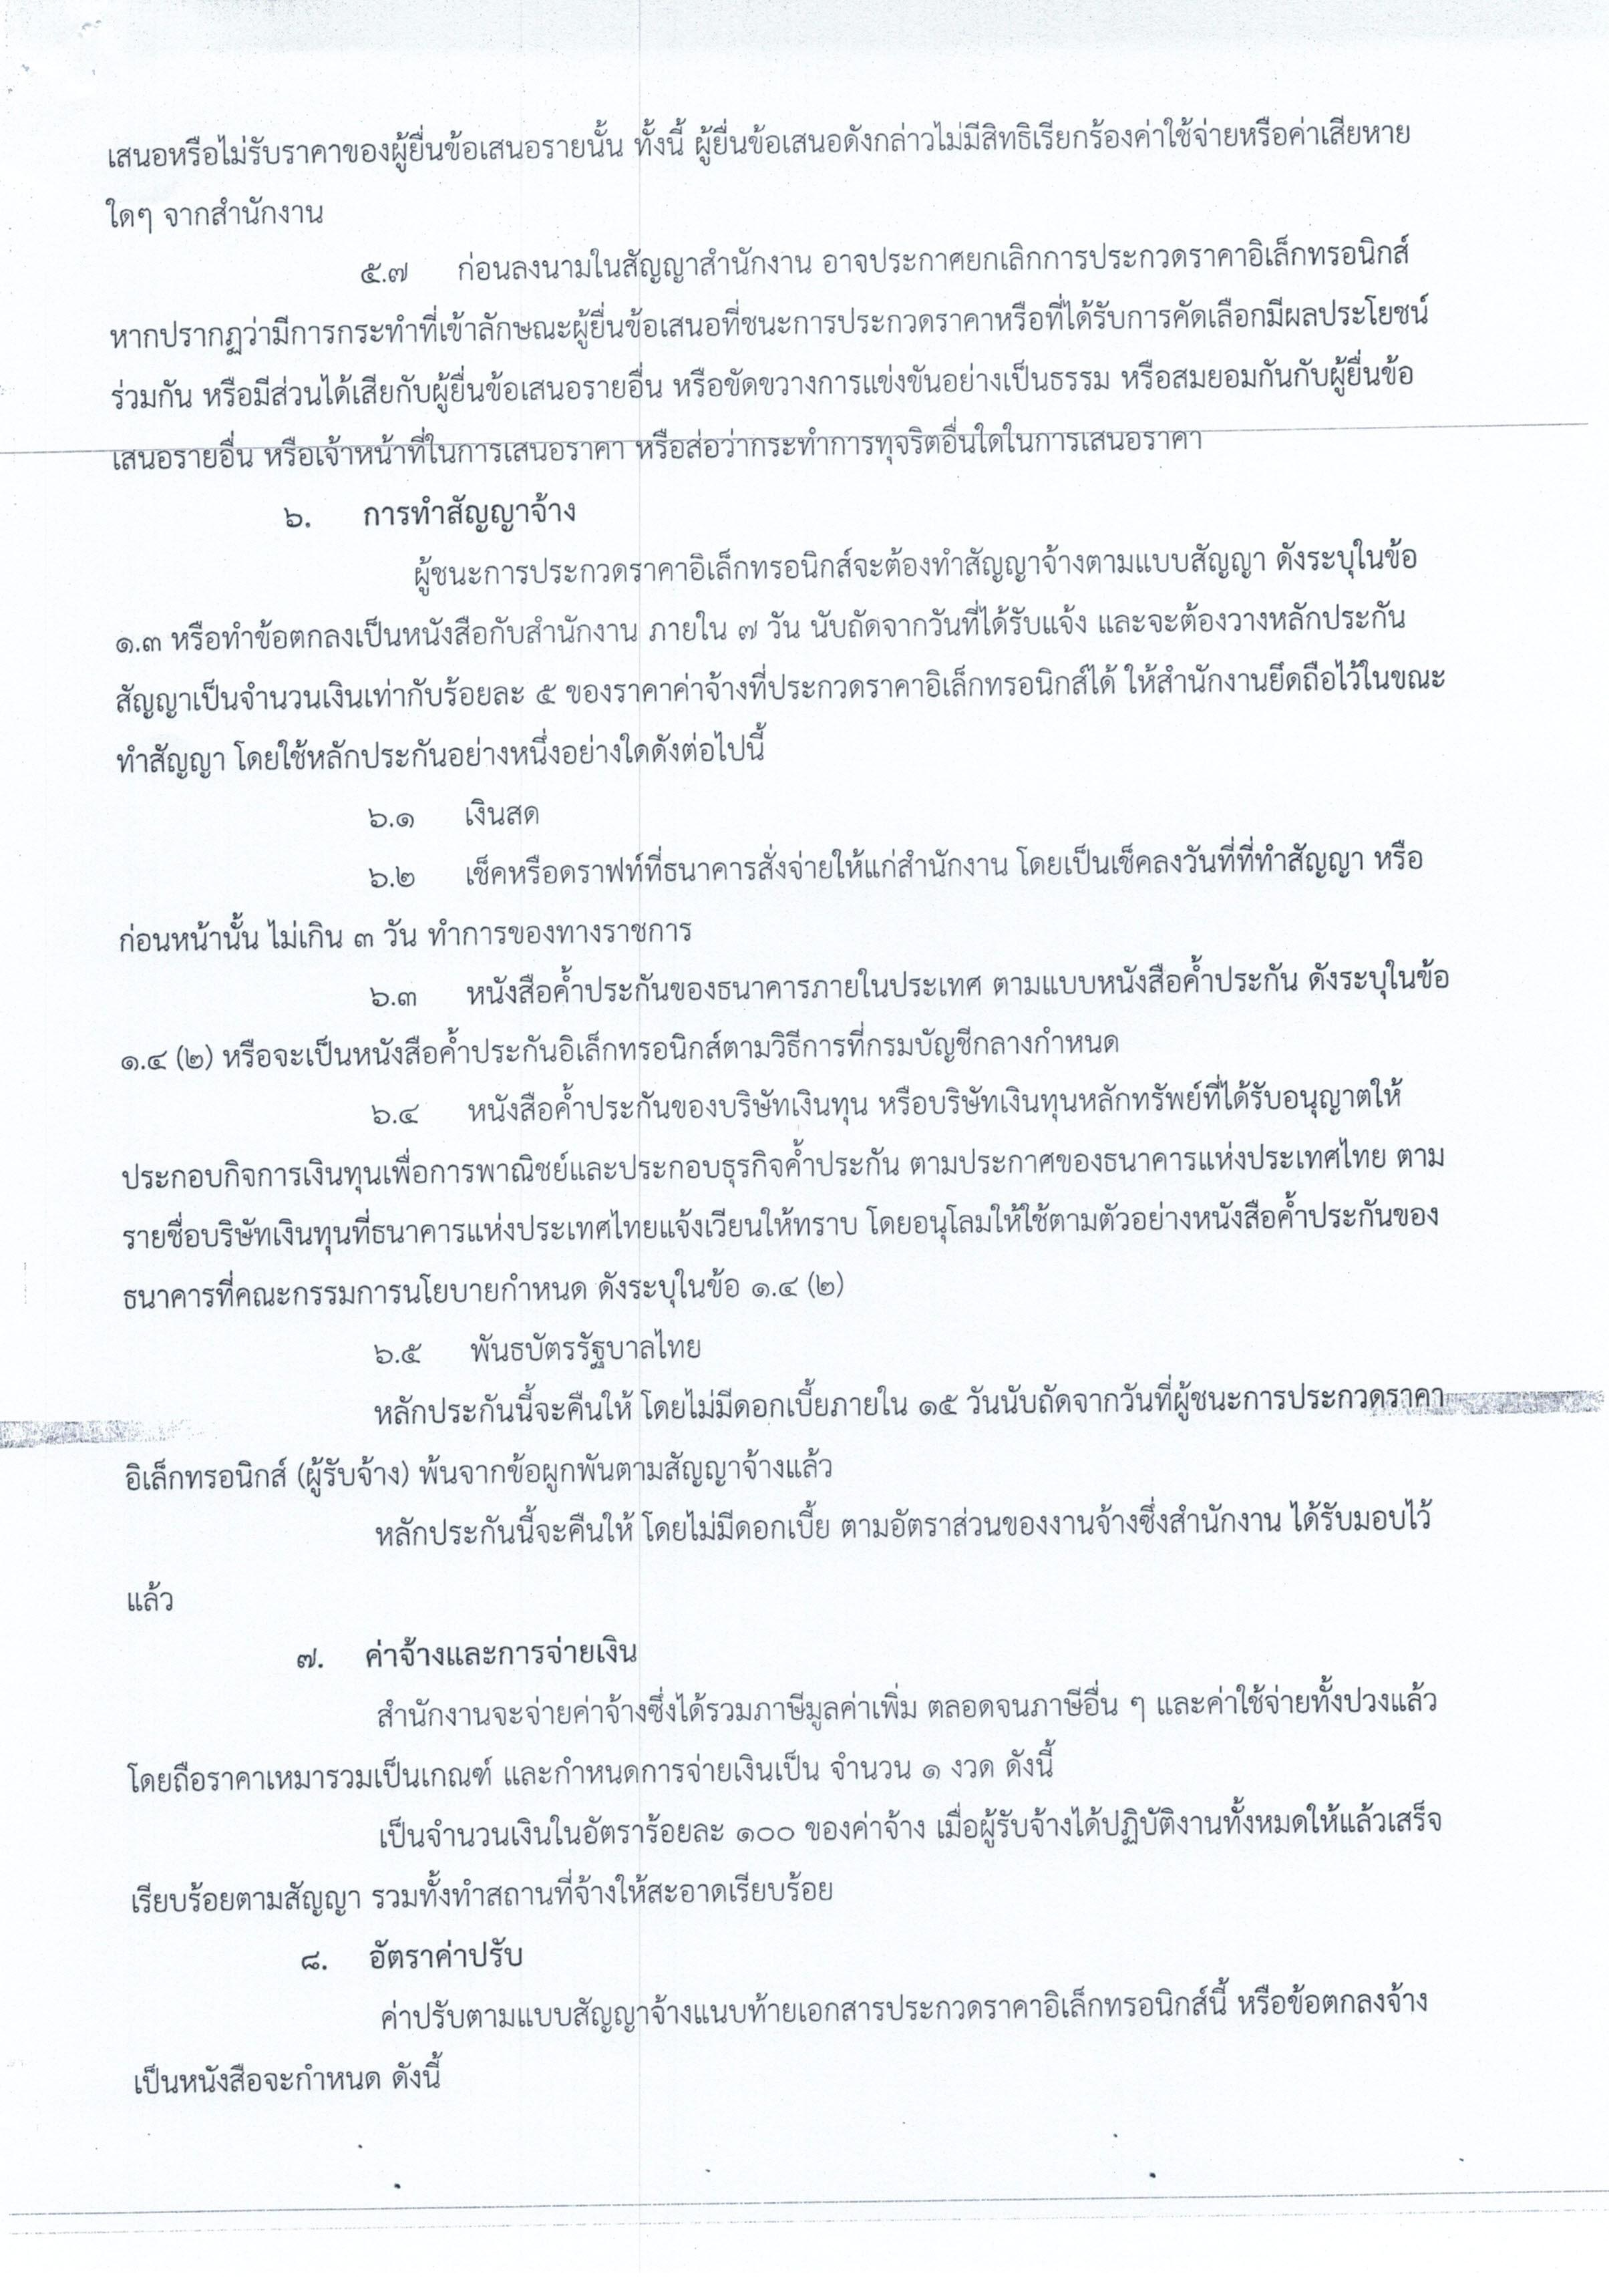 ประกาศประกวดราคารางระบายน้ำ คสล ม 126062563_0009